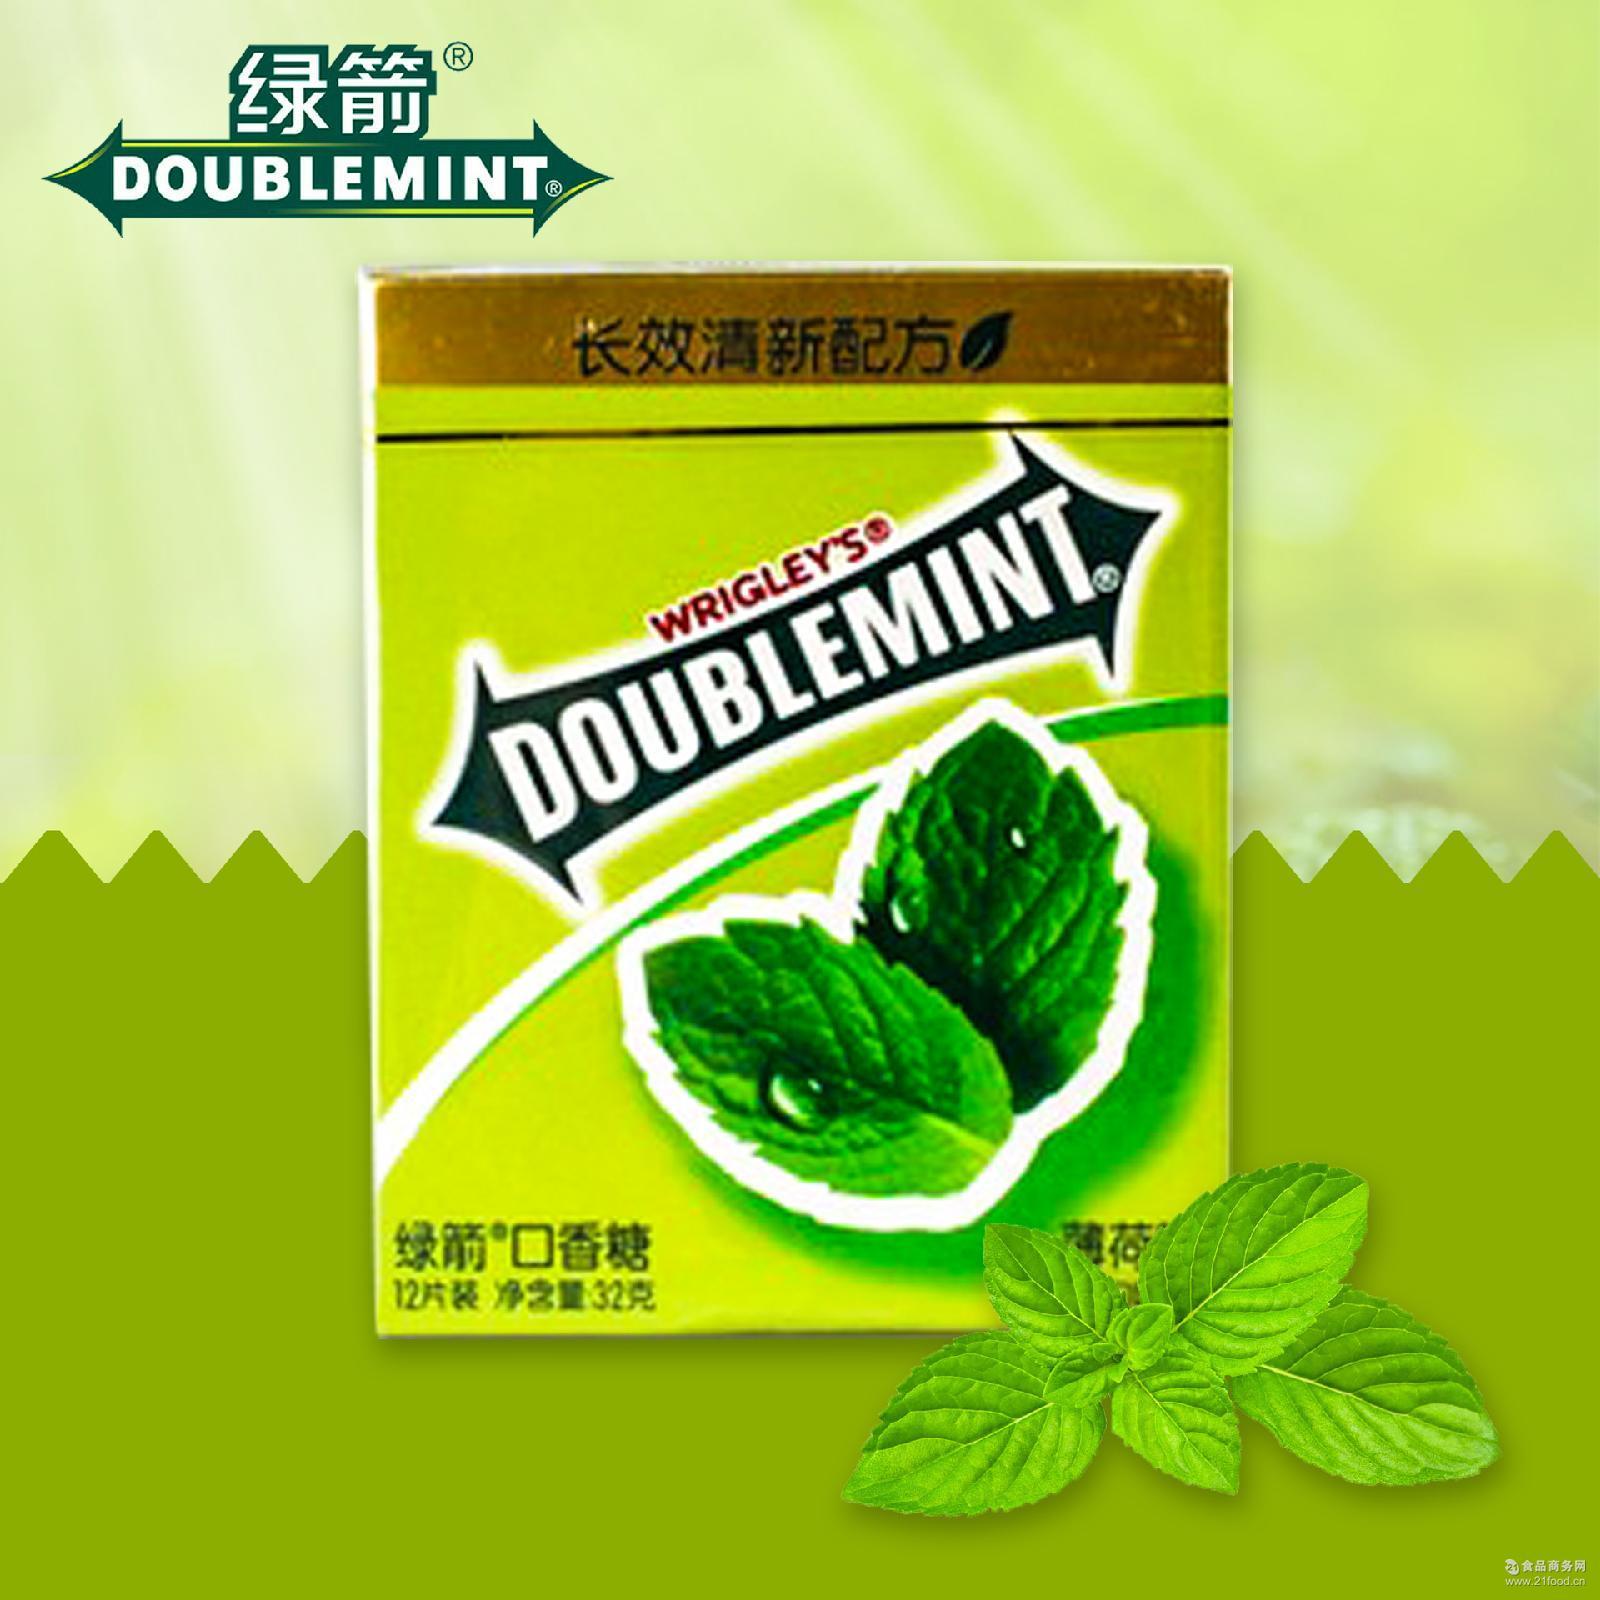 固态咀嚼型口香糖 12片绿箭口香糖清新薄荷味20条装休闲零食批发